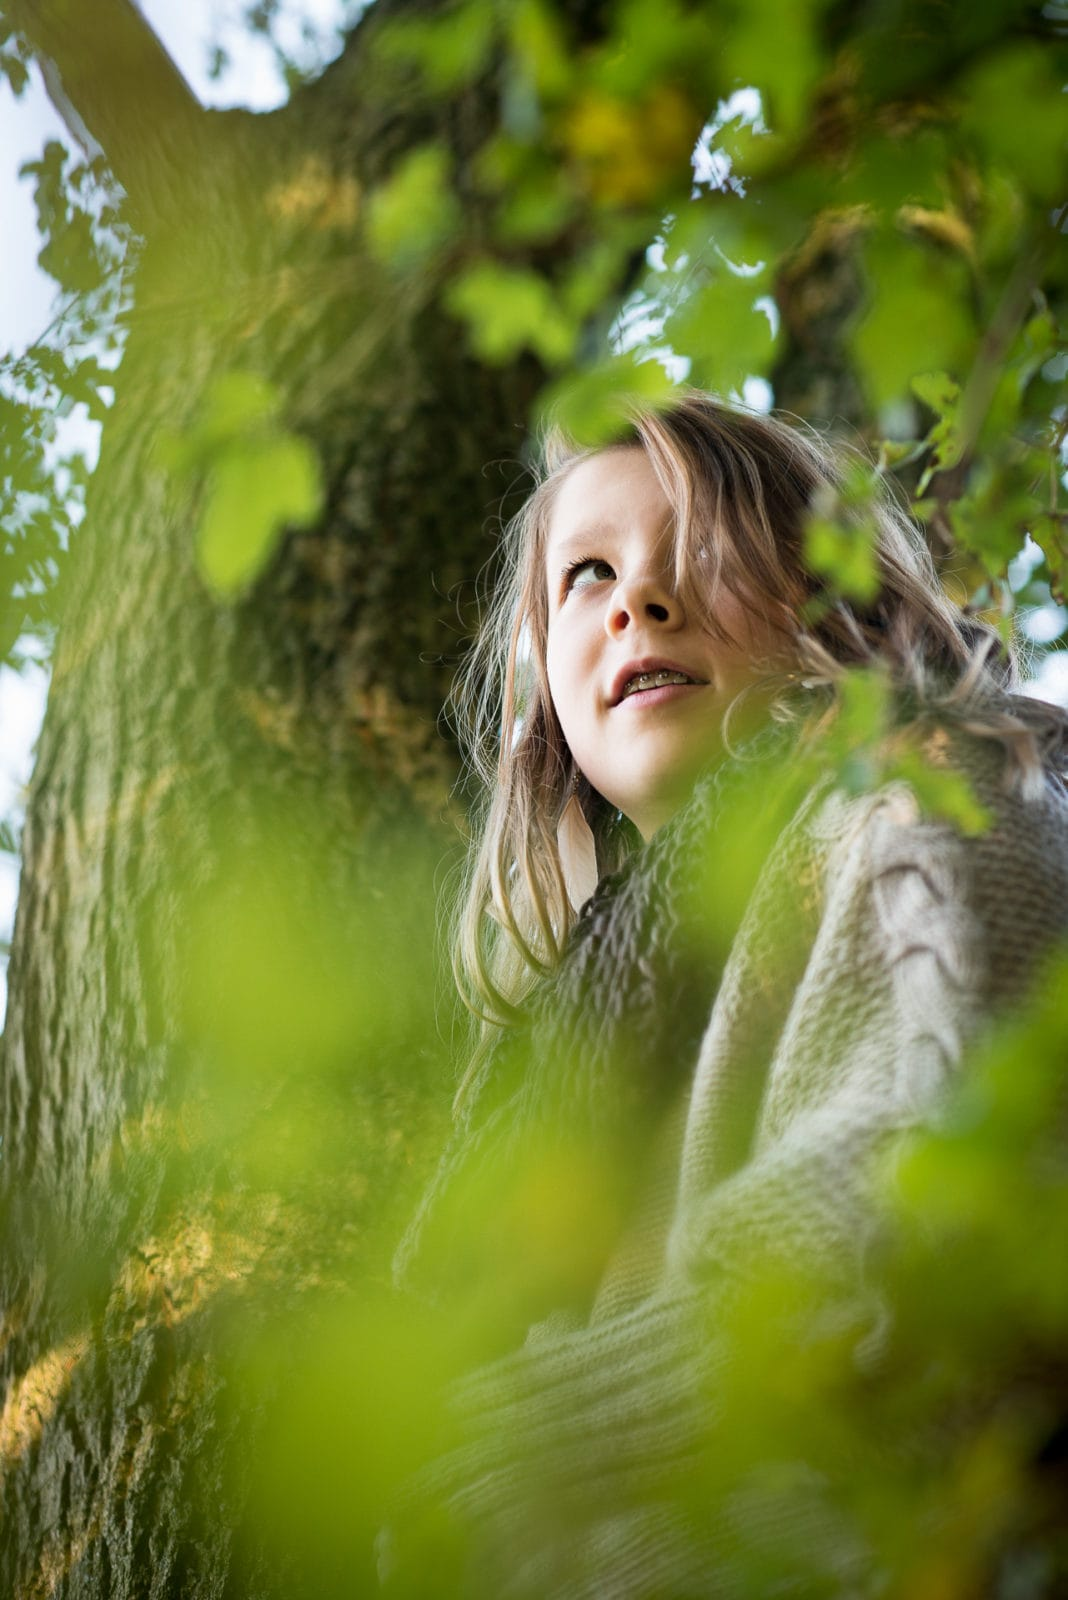 Atmosphärisches Shooting on Location mit Teenagern Fotograf Markus Mielek Dortmund Ruhrgebiet Deutschland